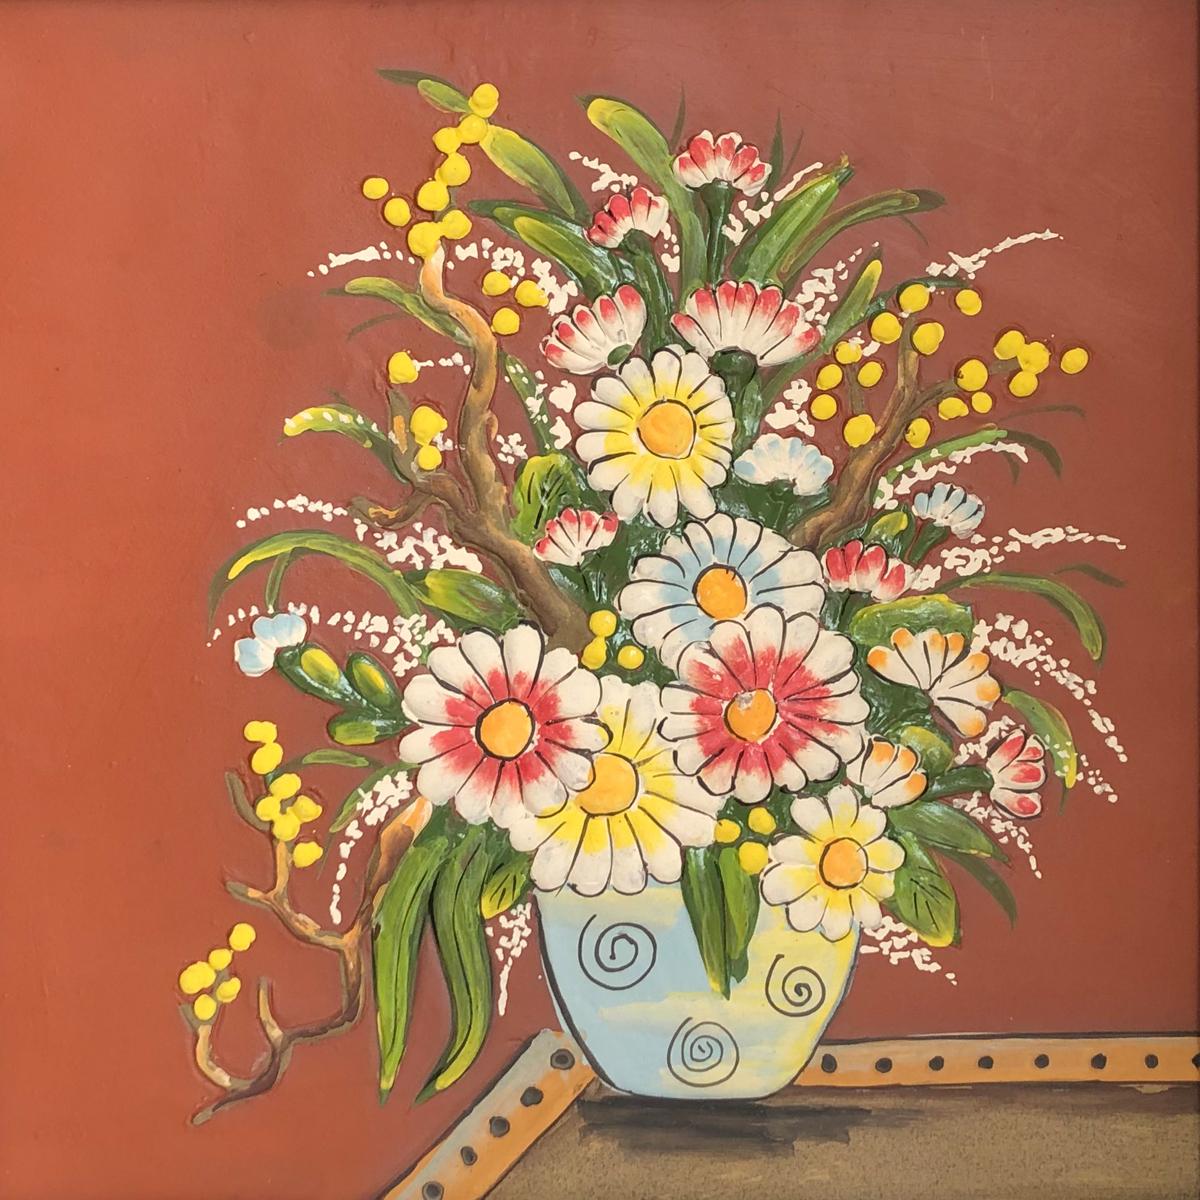 Tranh Gốm Bát Tràng – Bình Hoa Cúc